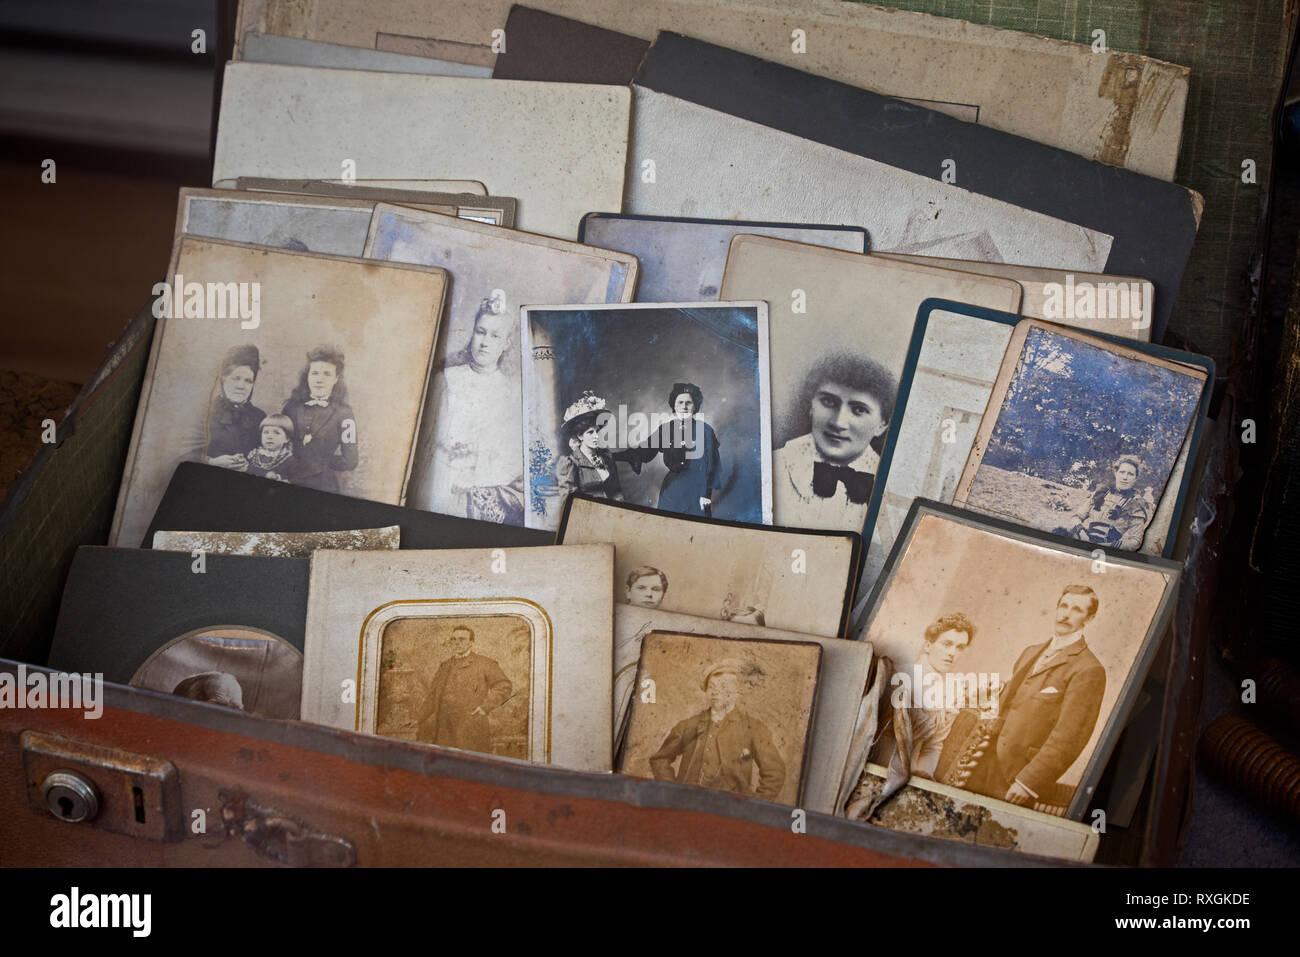 Une valise pleine de vieux millésime photographies dans la fenêtre d'un magasin de charité à Édimbourg, Écosse, Royaume-Uni. Photo Stock